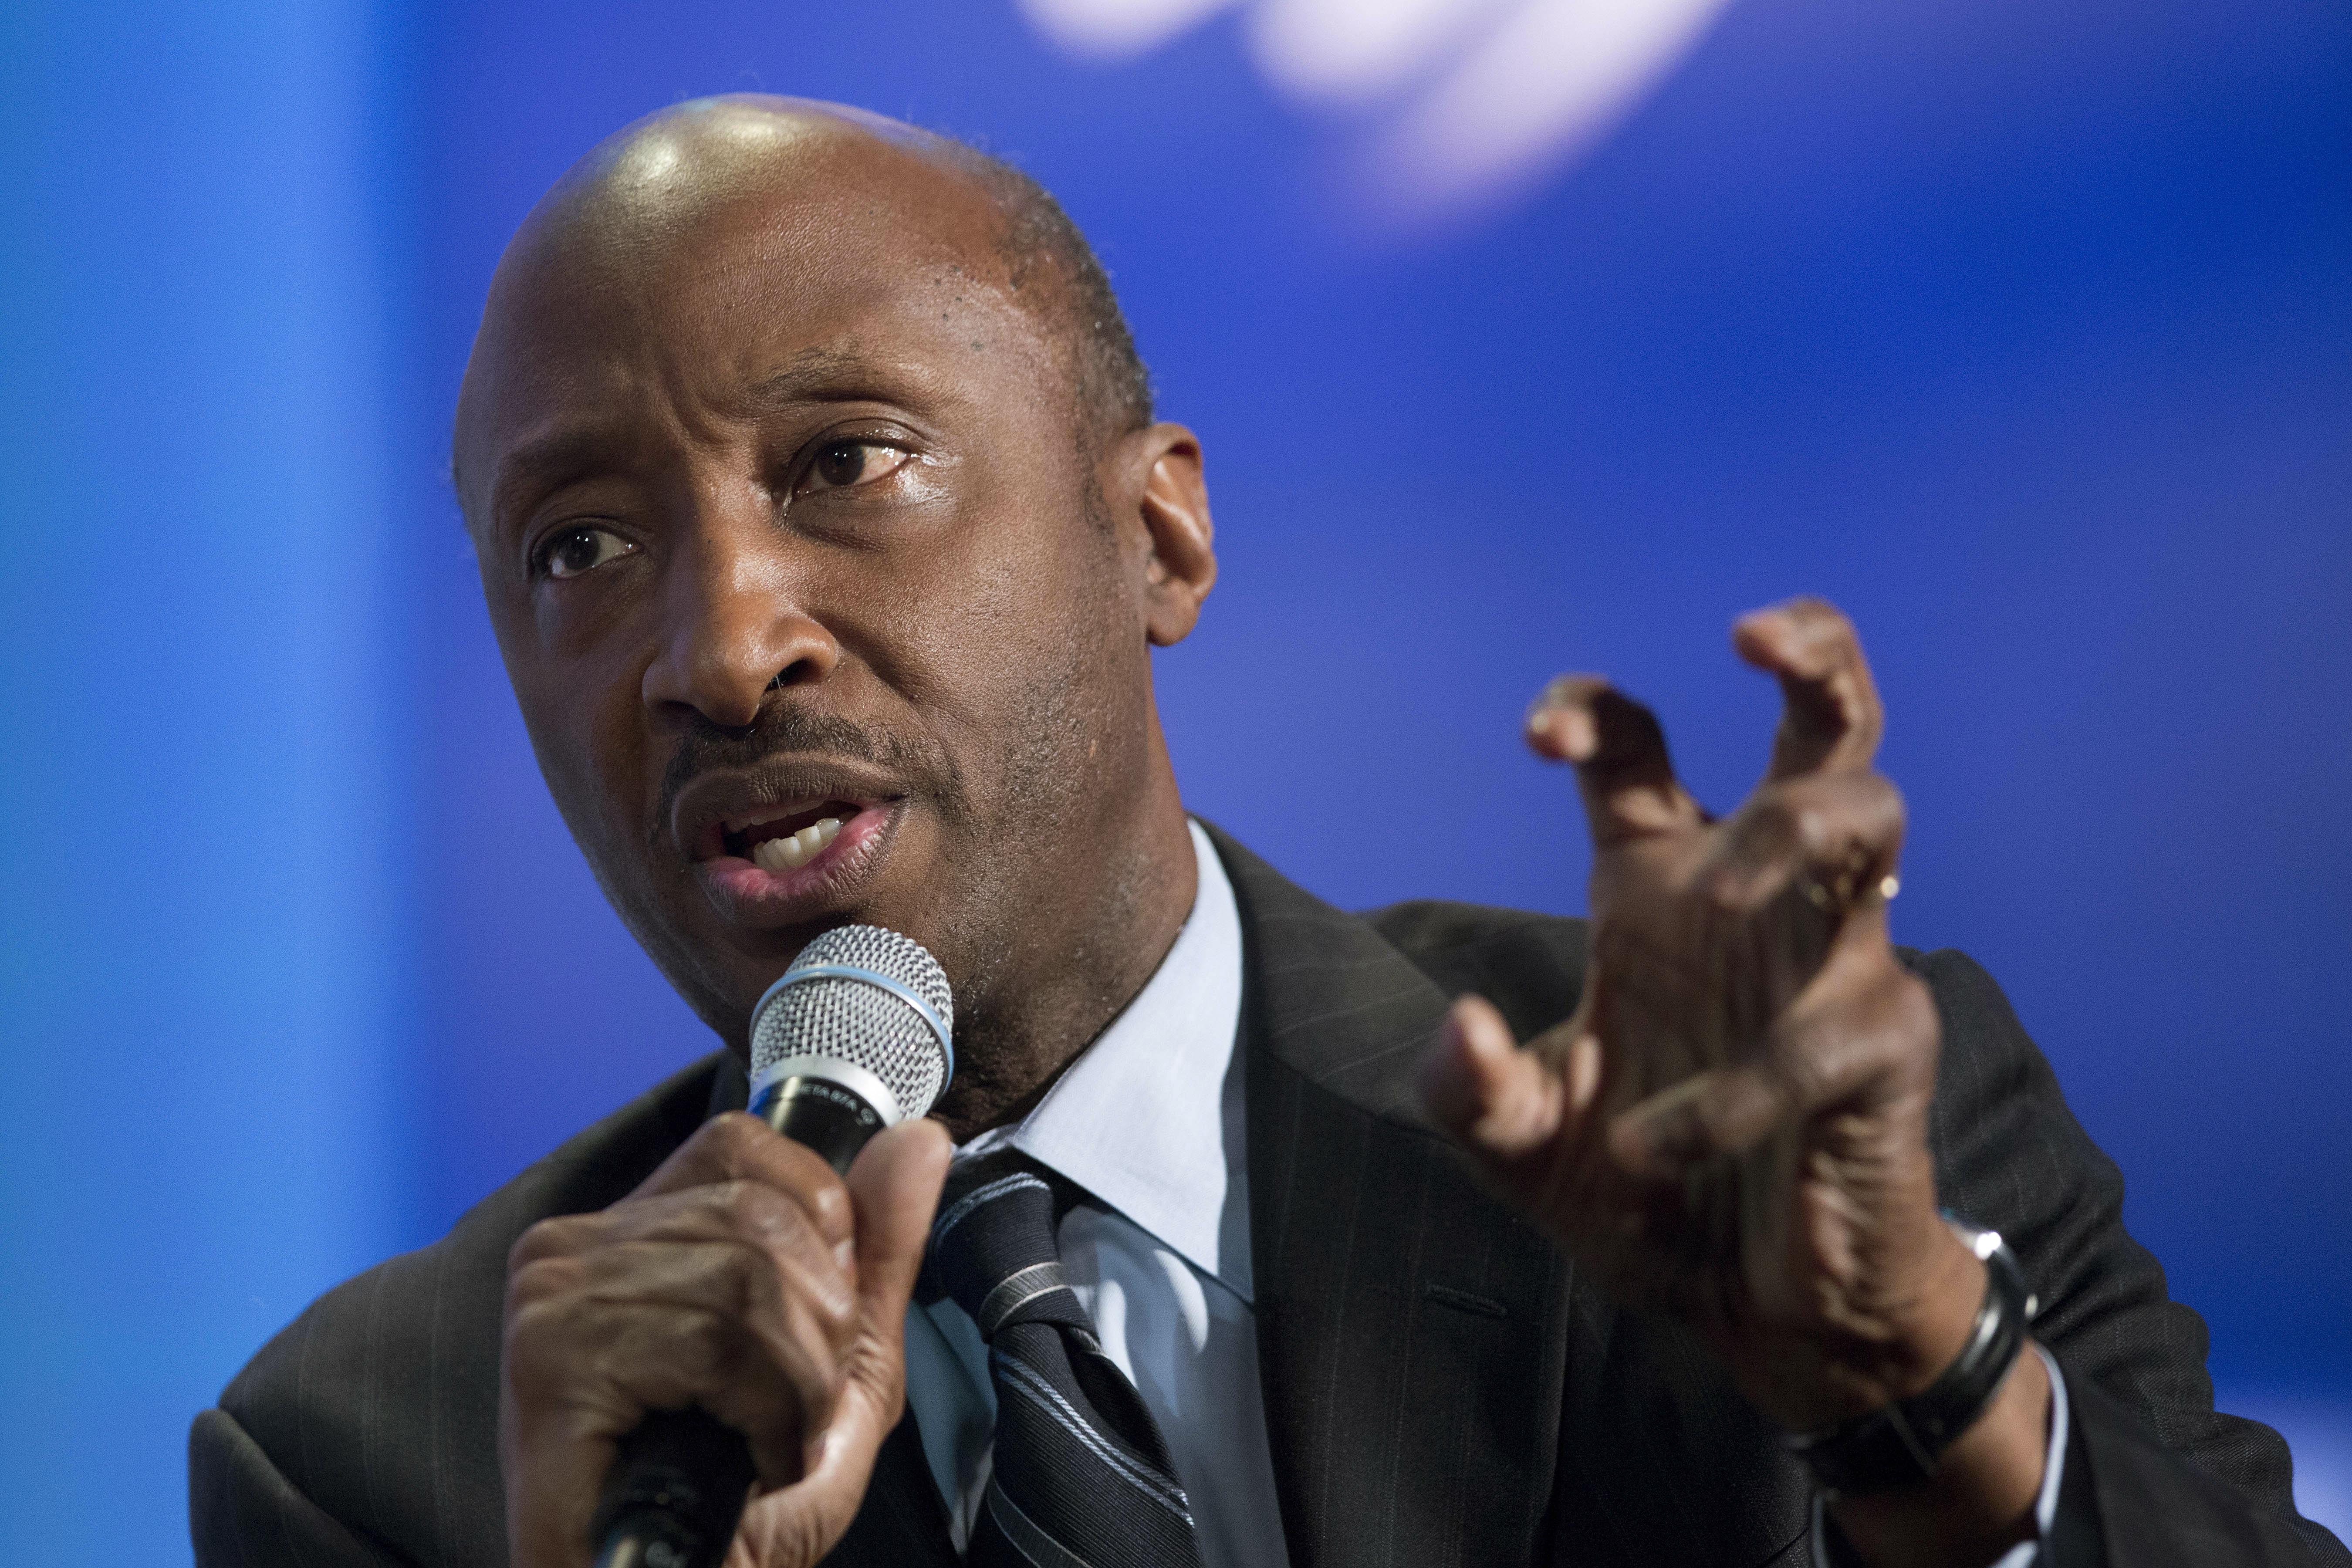 美國最知名的非洲裔企業人士之一、默克藥廠(Merck)執行長弗瑞茲爾(Kenneth Frazier )以「有責任必須對偏狹與極端主義表達我的立場」,向川普總統的製造業委員會請辭。(美聯社)